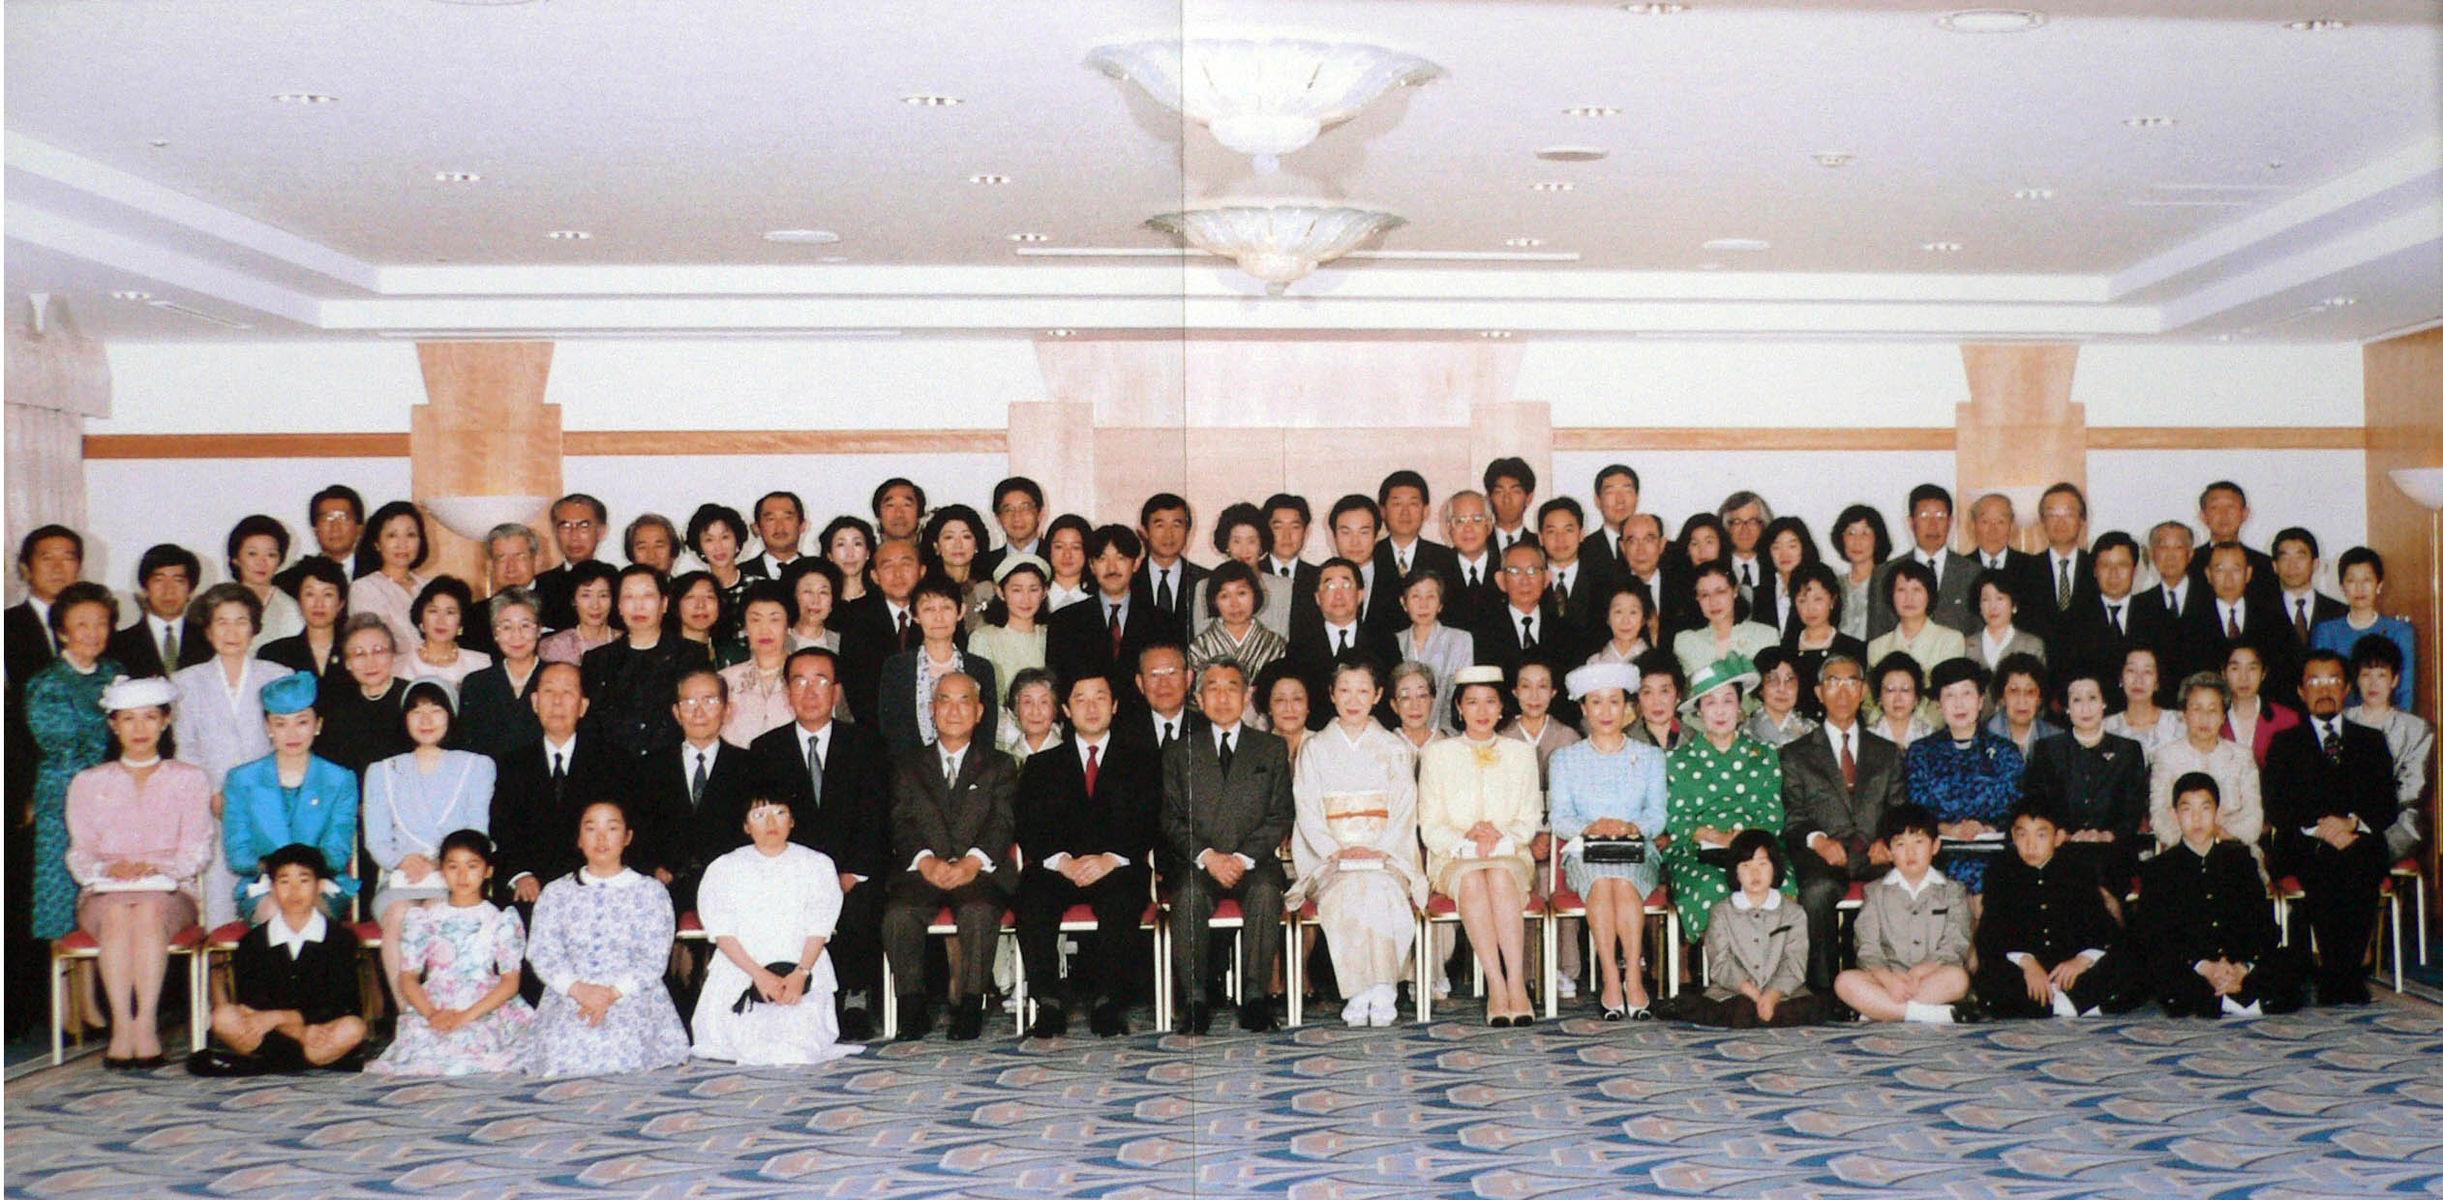 remmikkiのブログ : 天皇陛下傘...